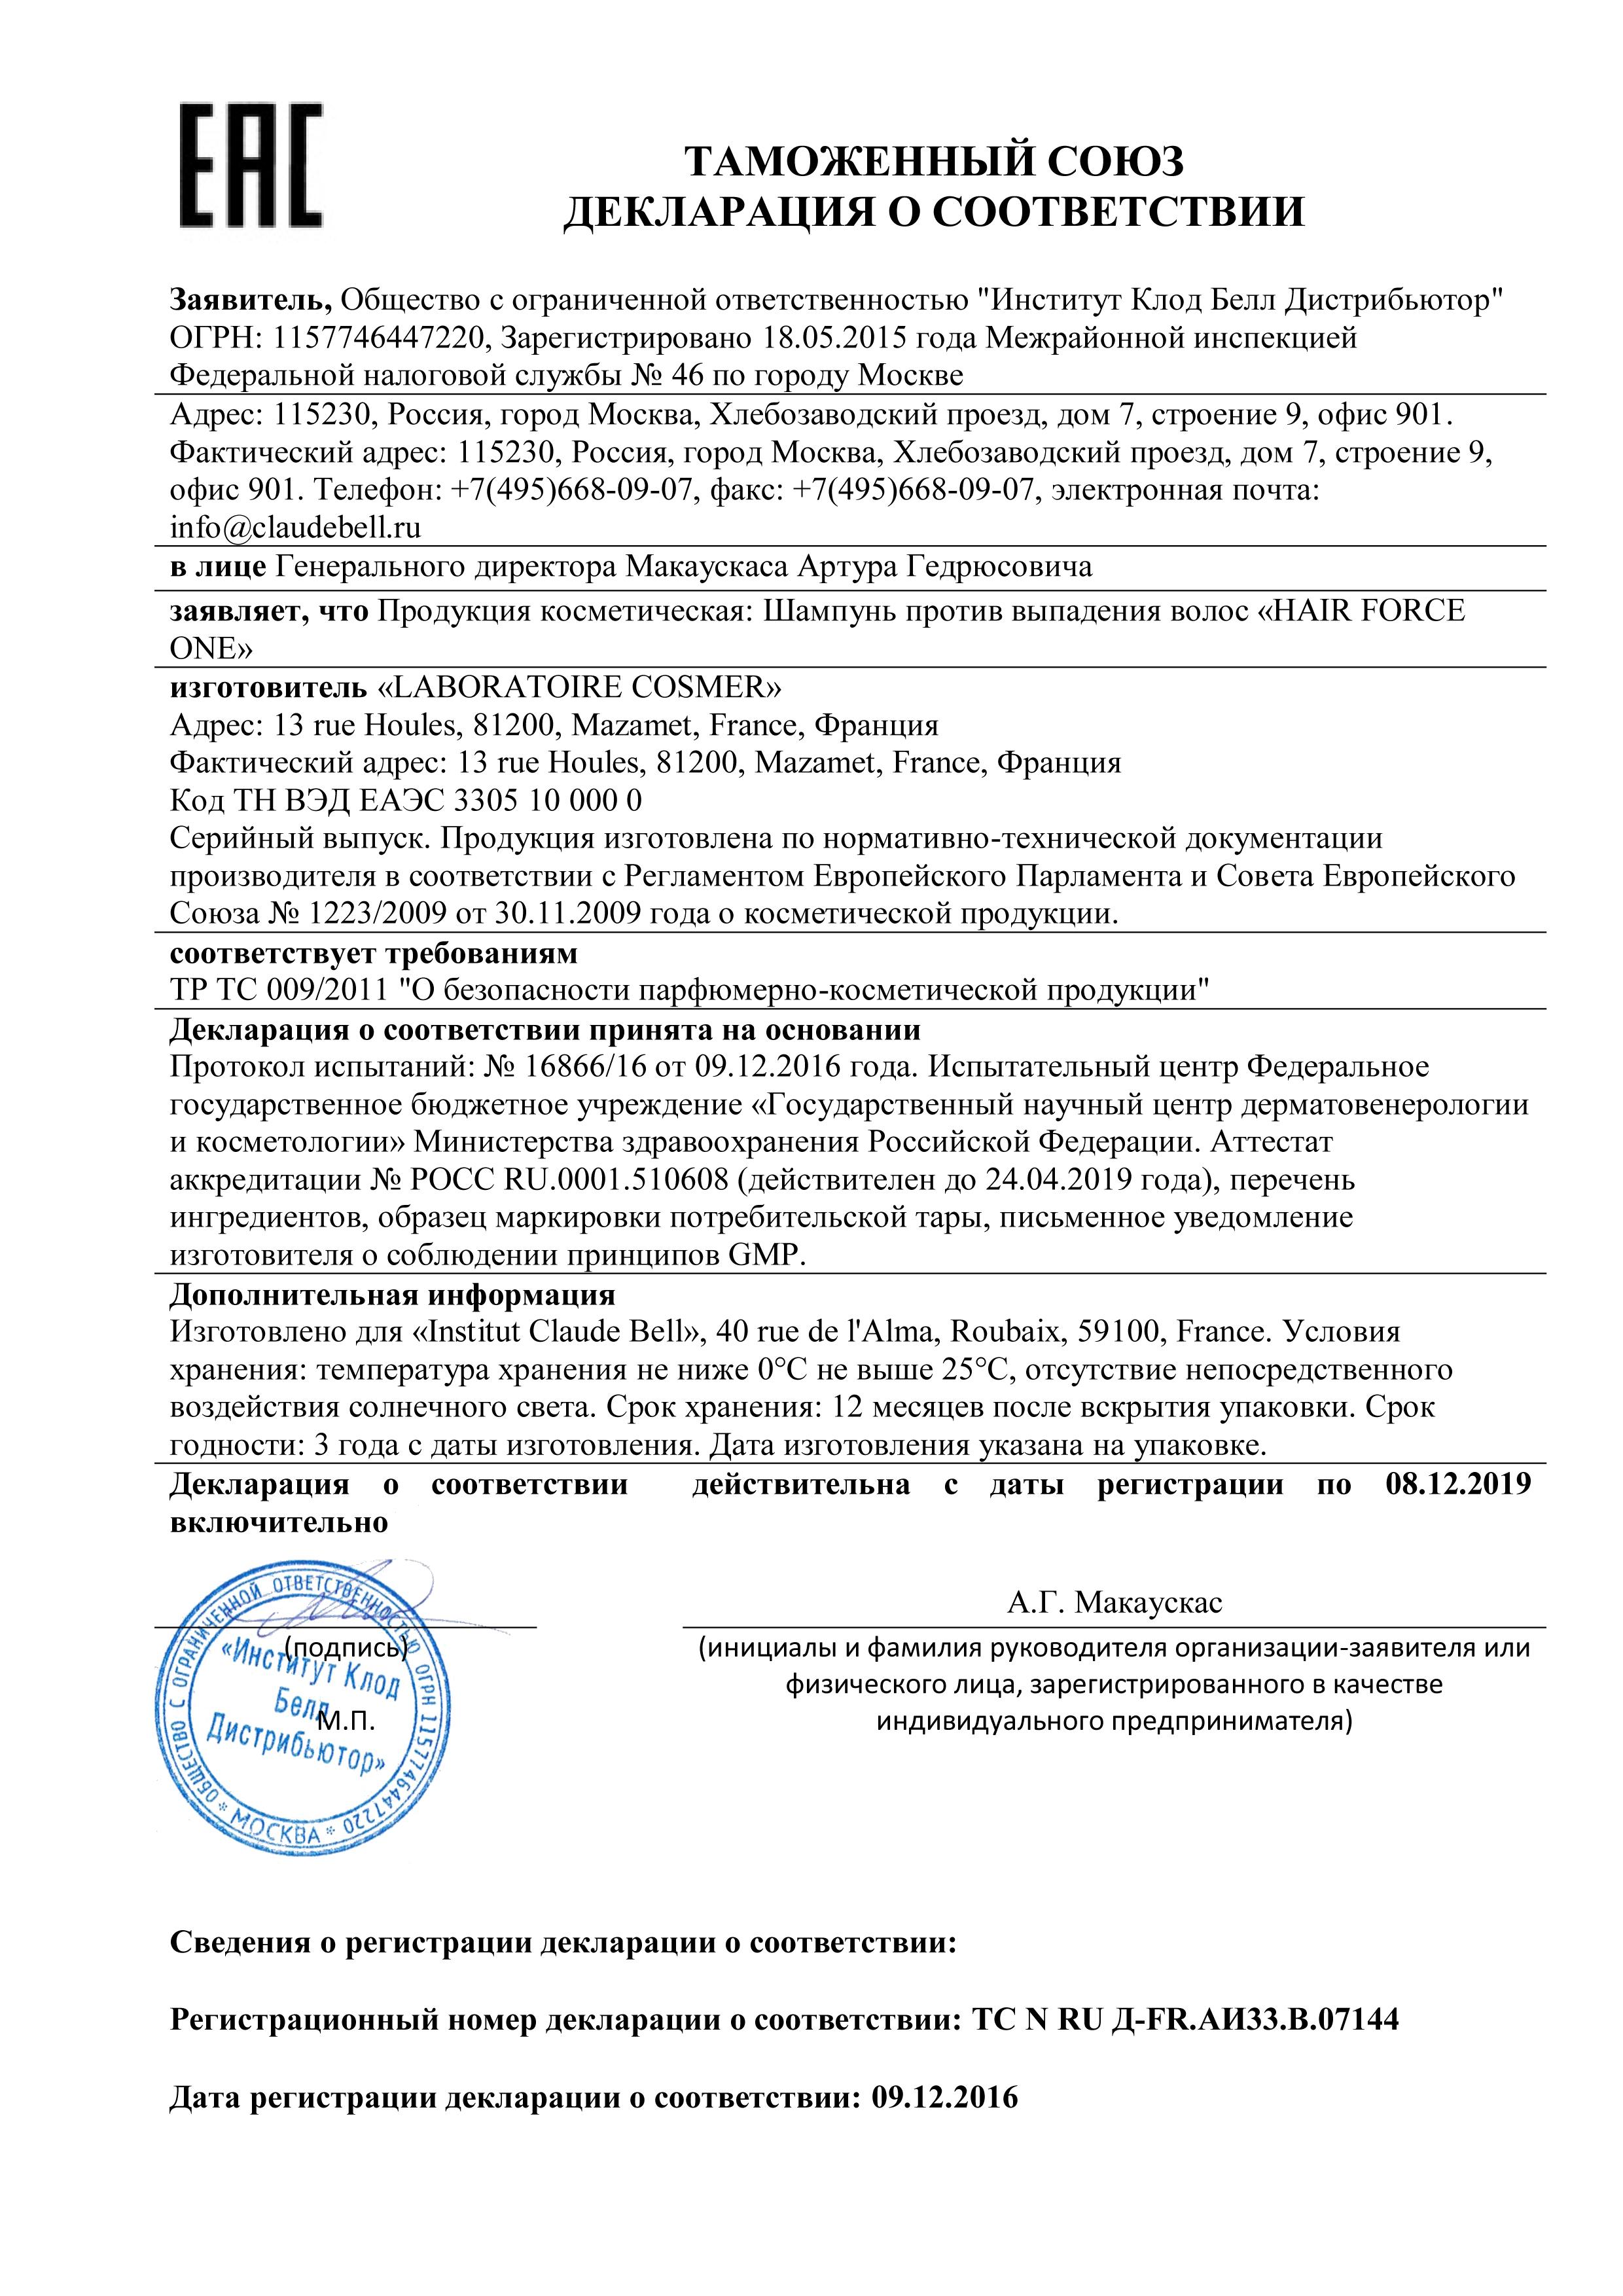 Сертификат Шампунь против выпадения волос HAIR FORCE ONE